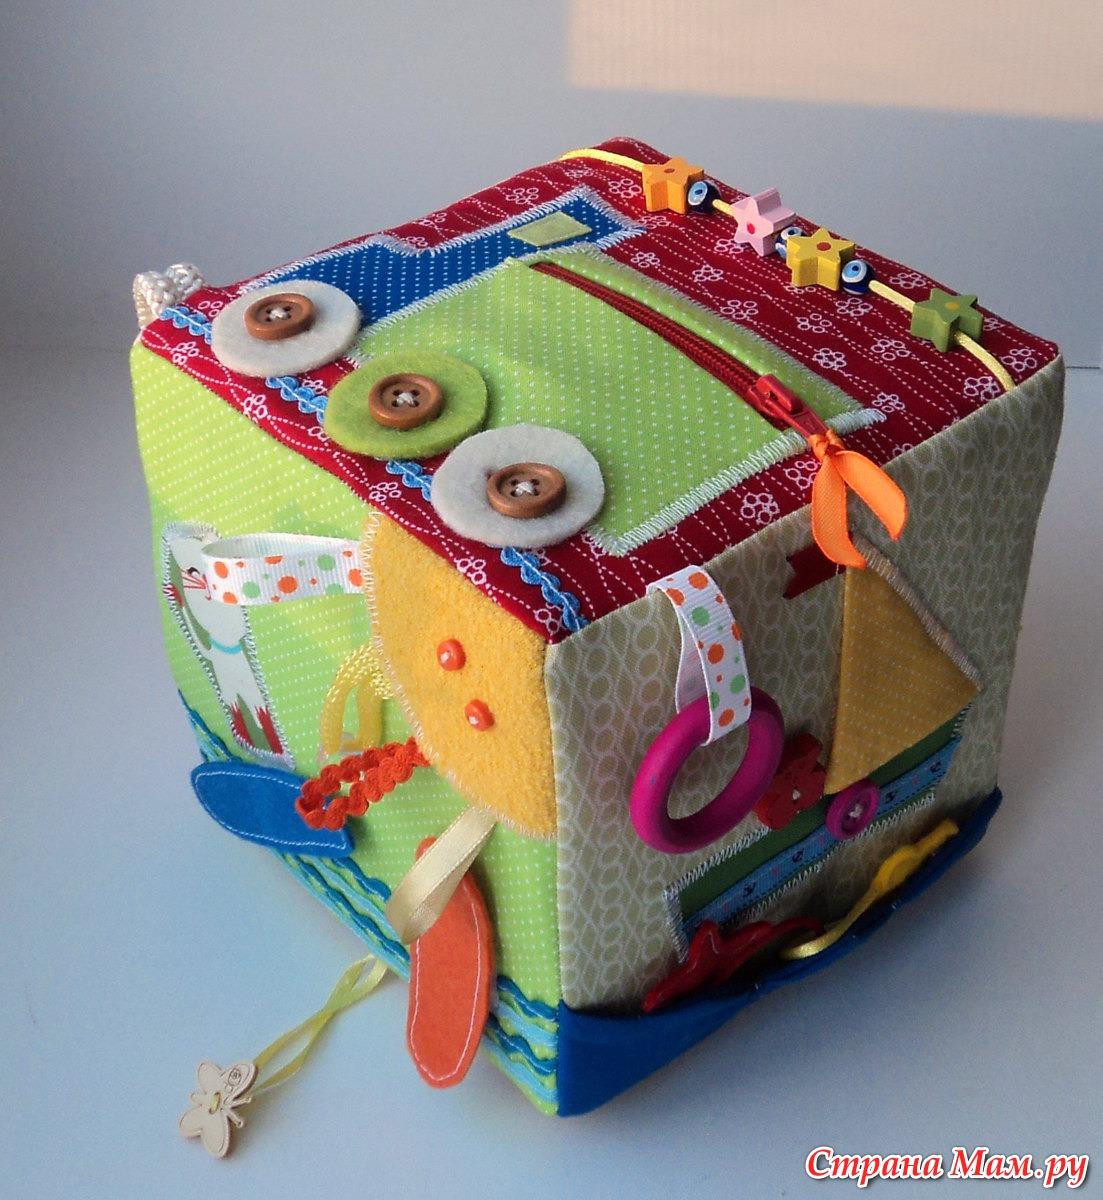 Развивающий кубик своими руками для детей до года